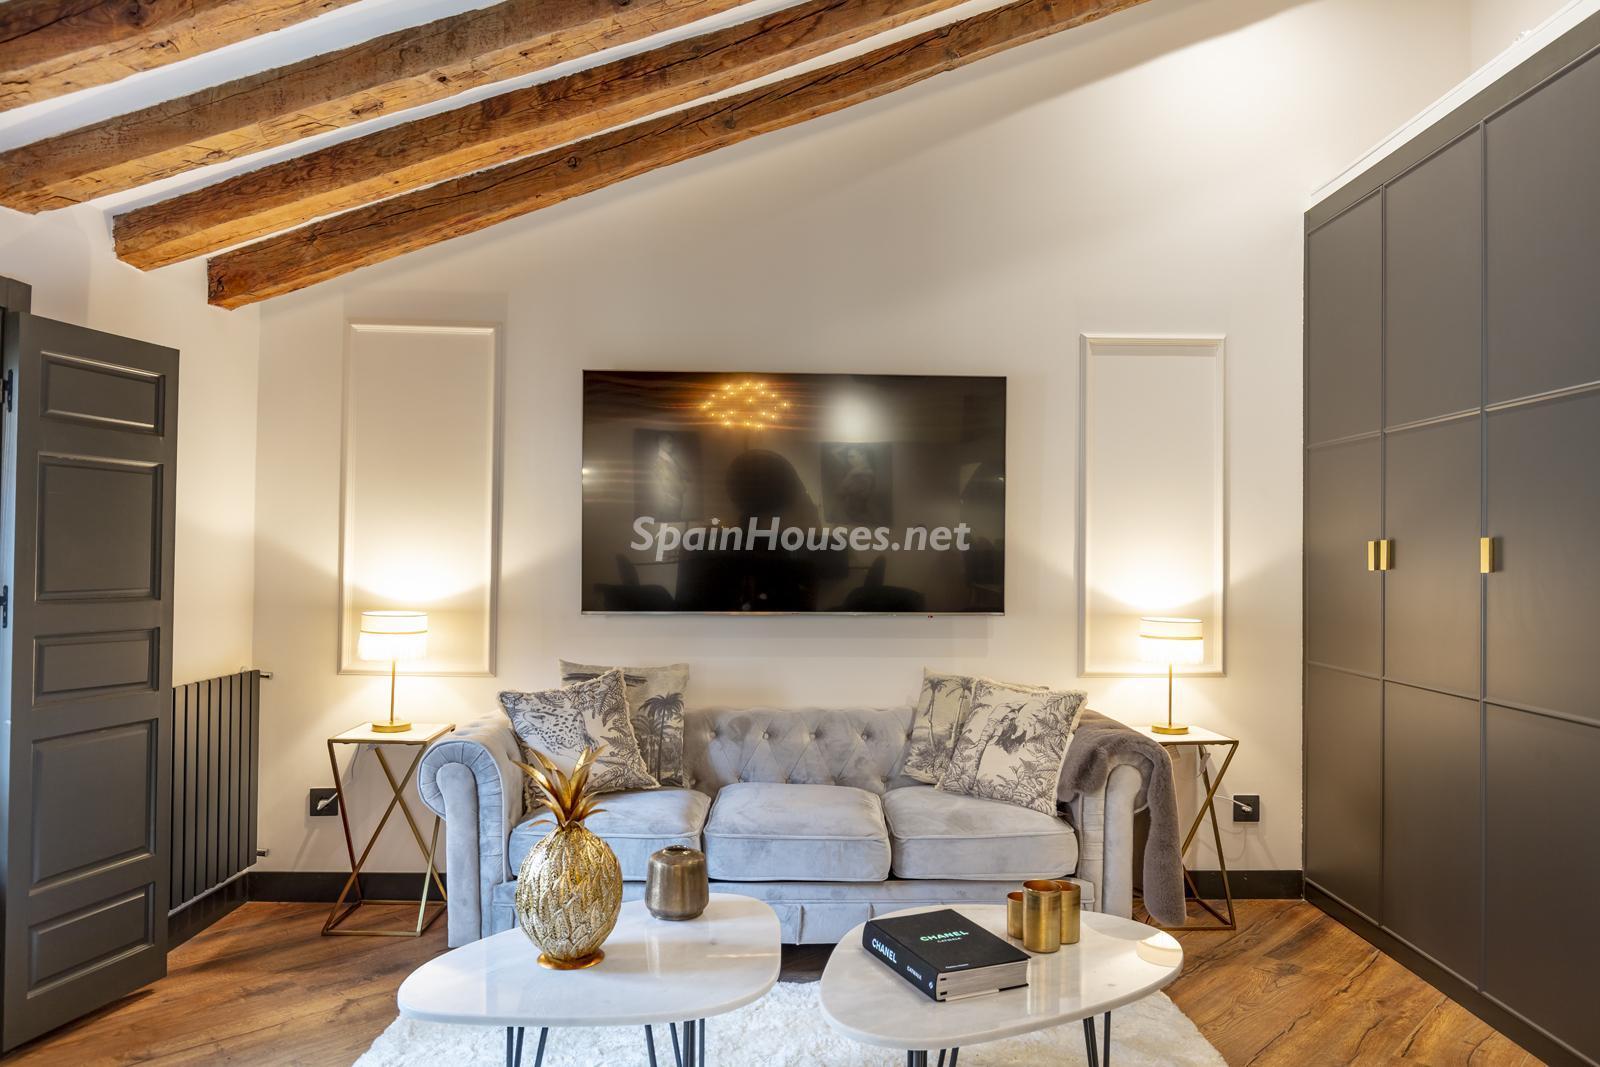 80012096 3159558 foto124728630 - Inspiración urbana y gran valor arquitectonico en este espectacular ático en Madrid